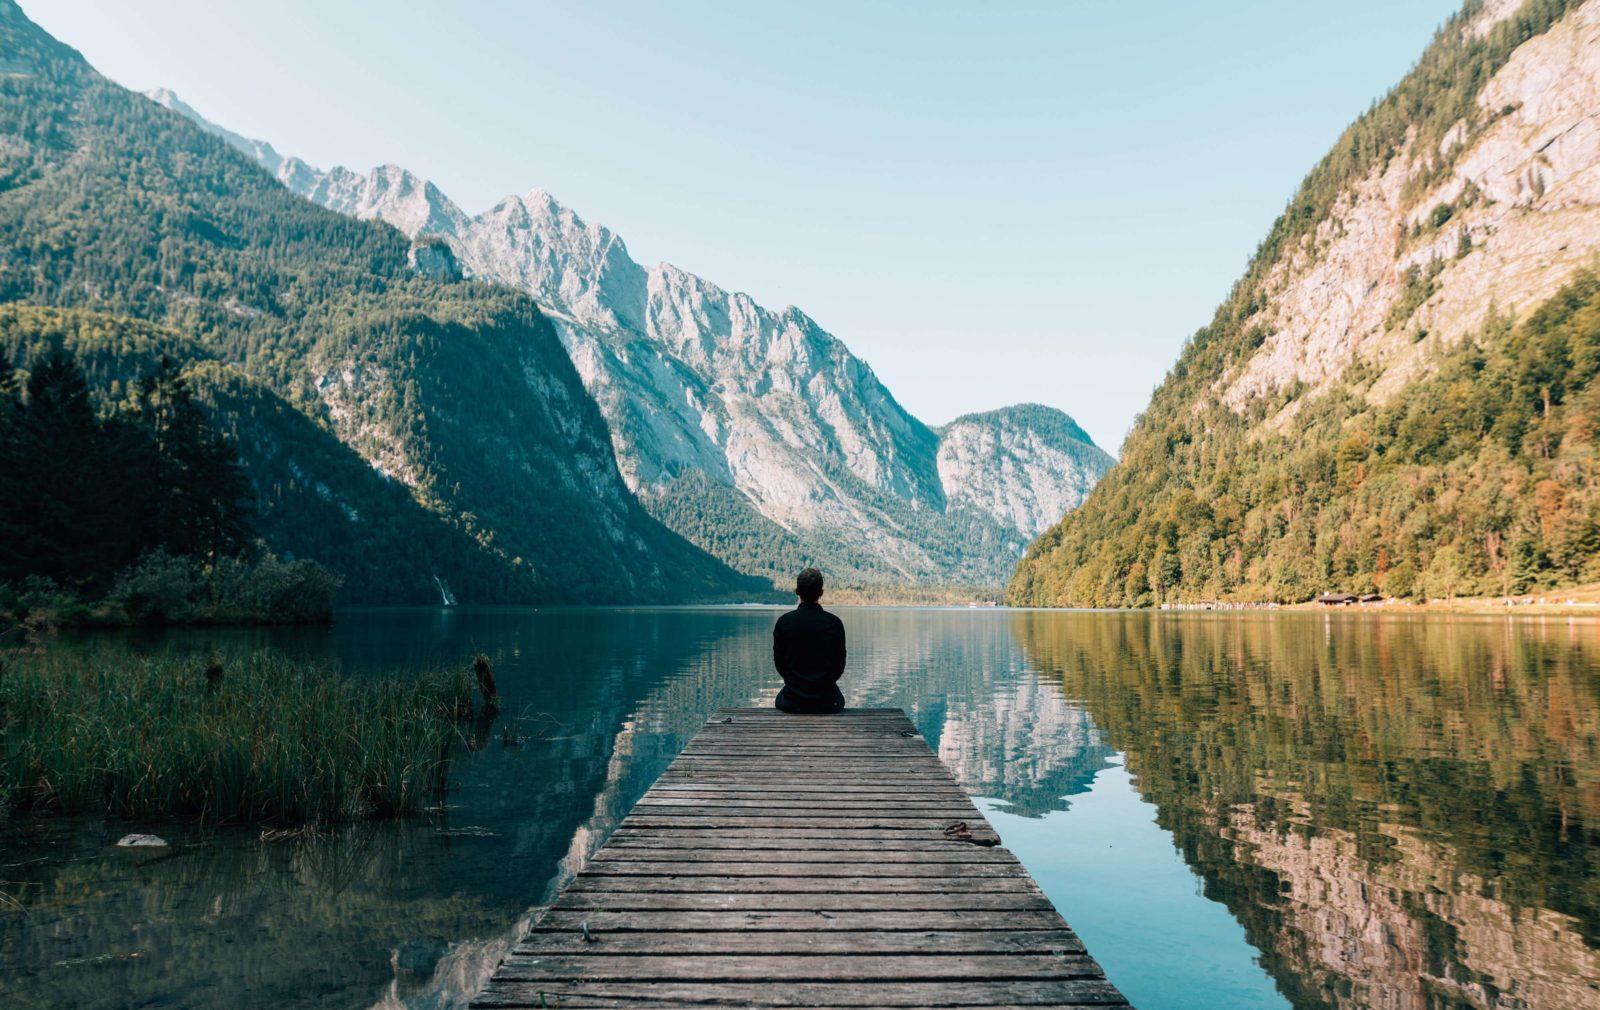 Ein Mensch meditiert auf einem Steg vor einem See